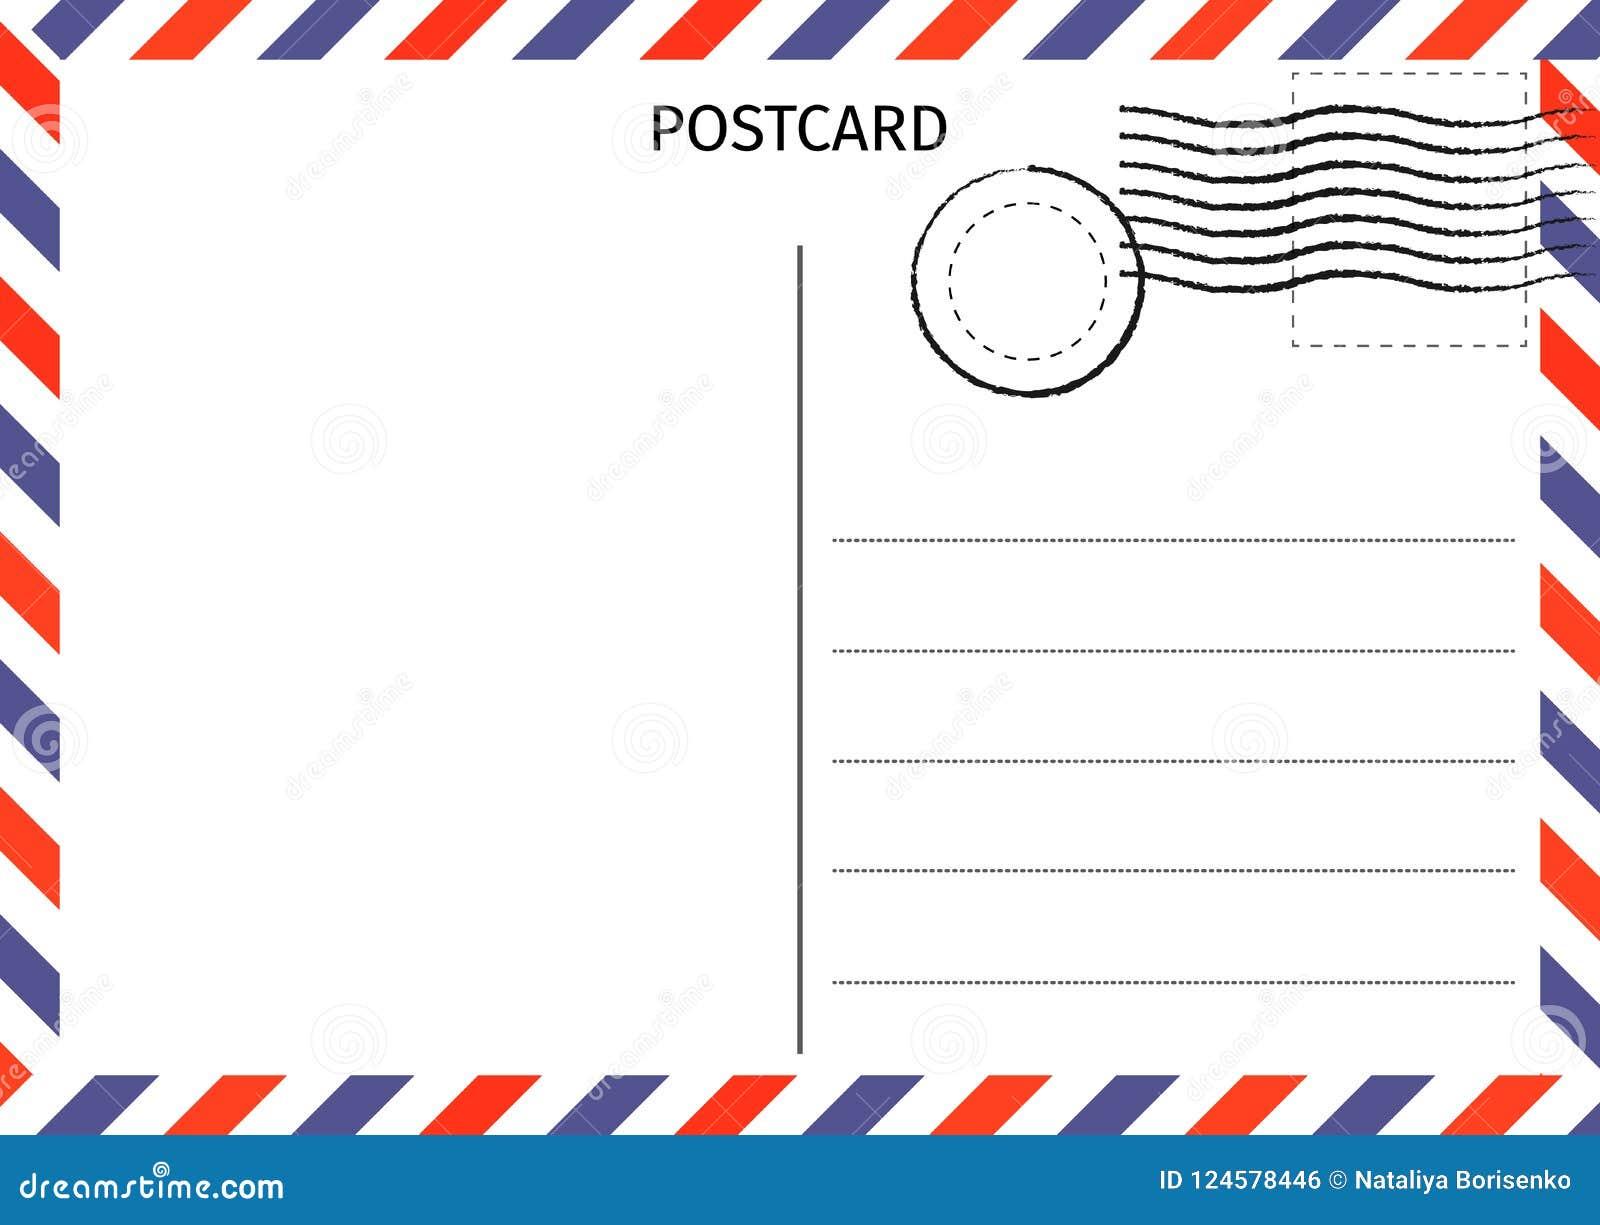 Cartolina Posta aerea Illustrazione della carta postale per progettazione Corsa